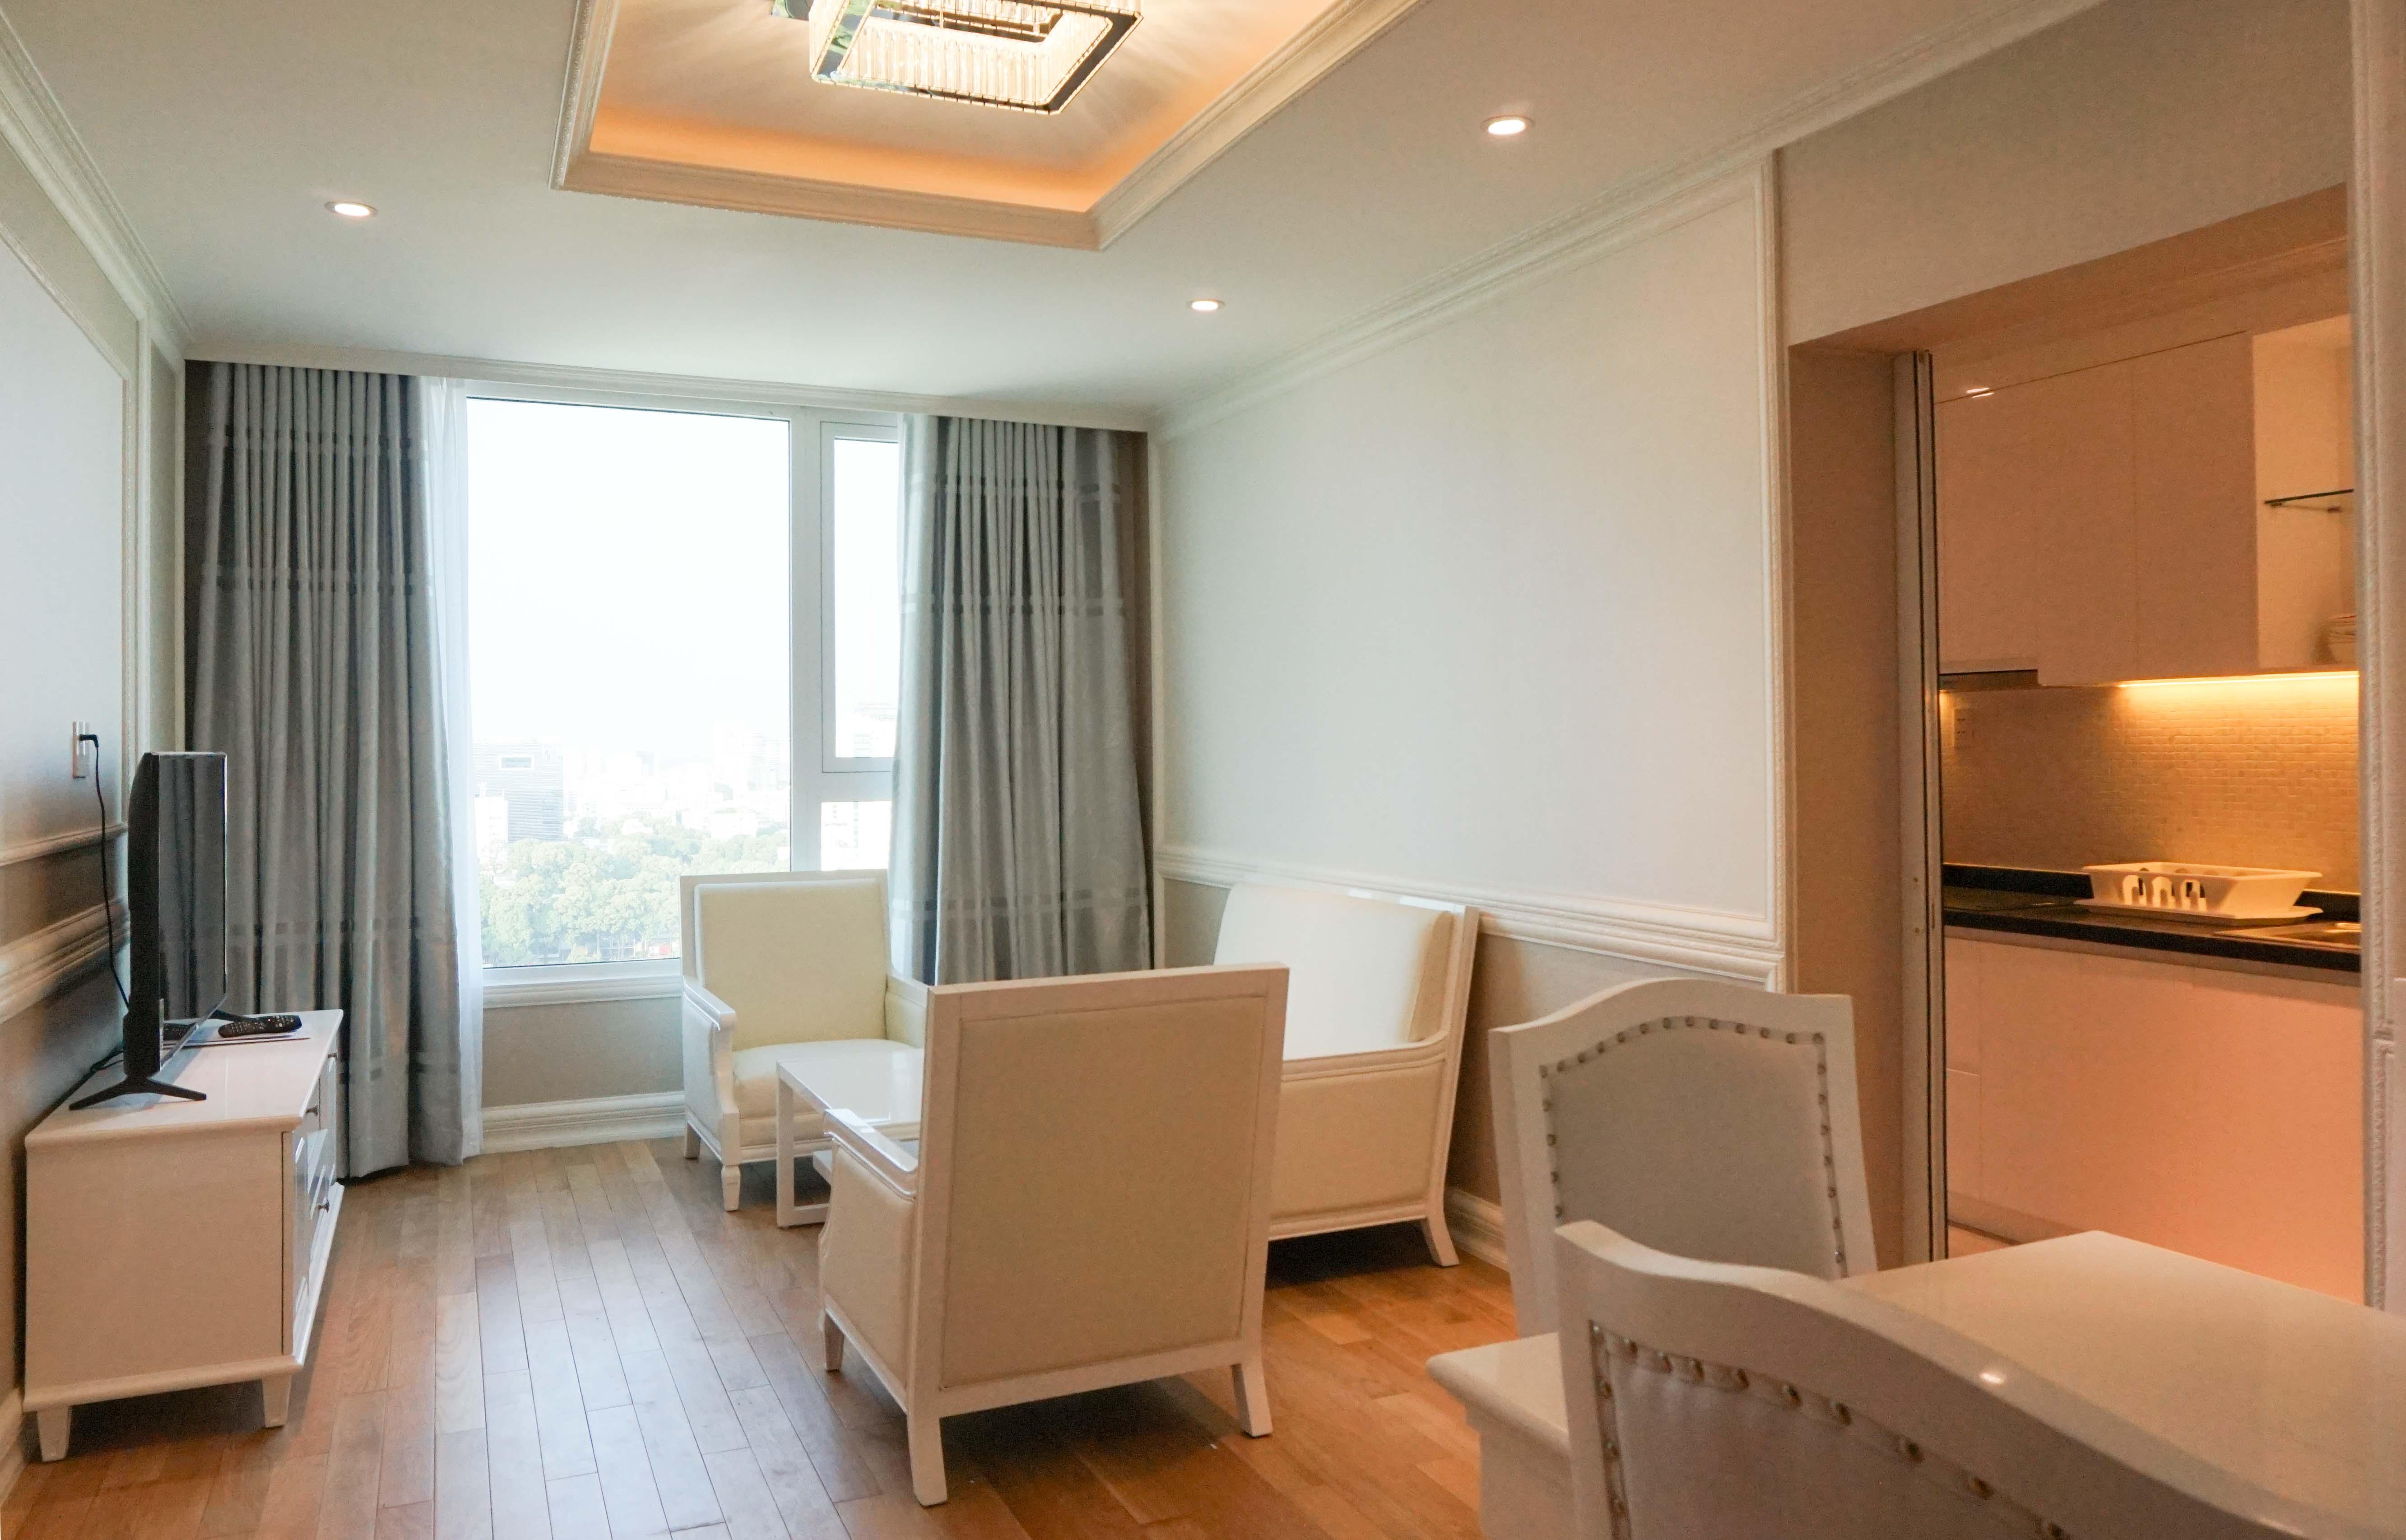 Căn hộ 2 PN Léman Luxury - Đầy Đủ Nội Thất - Căn Hộ Duyên Dáng Và Sang Trọng-14